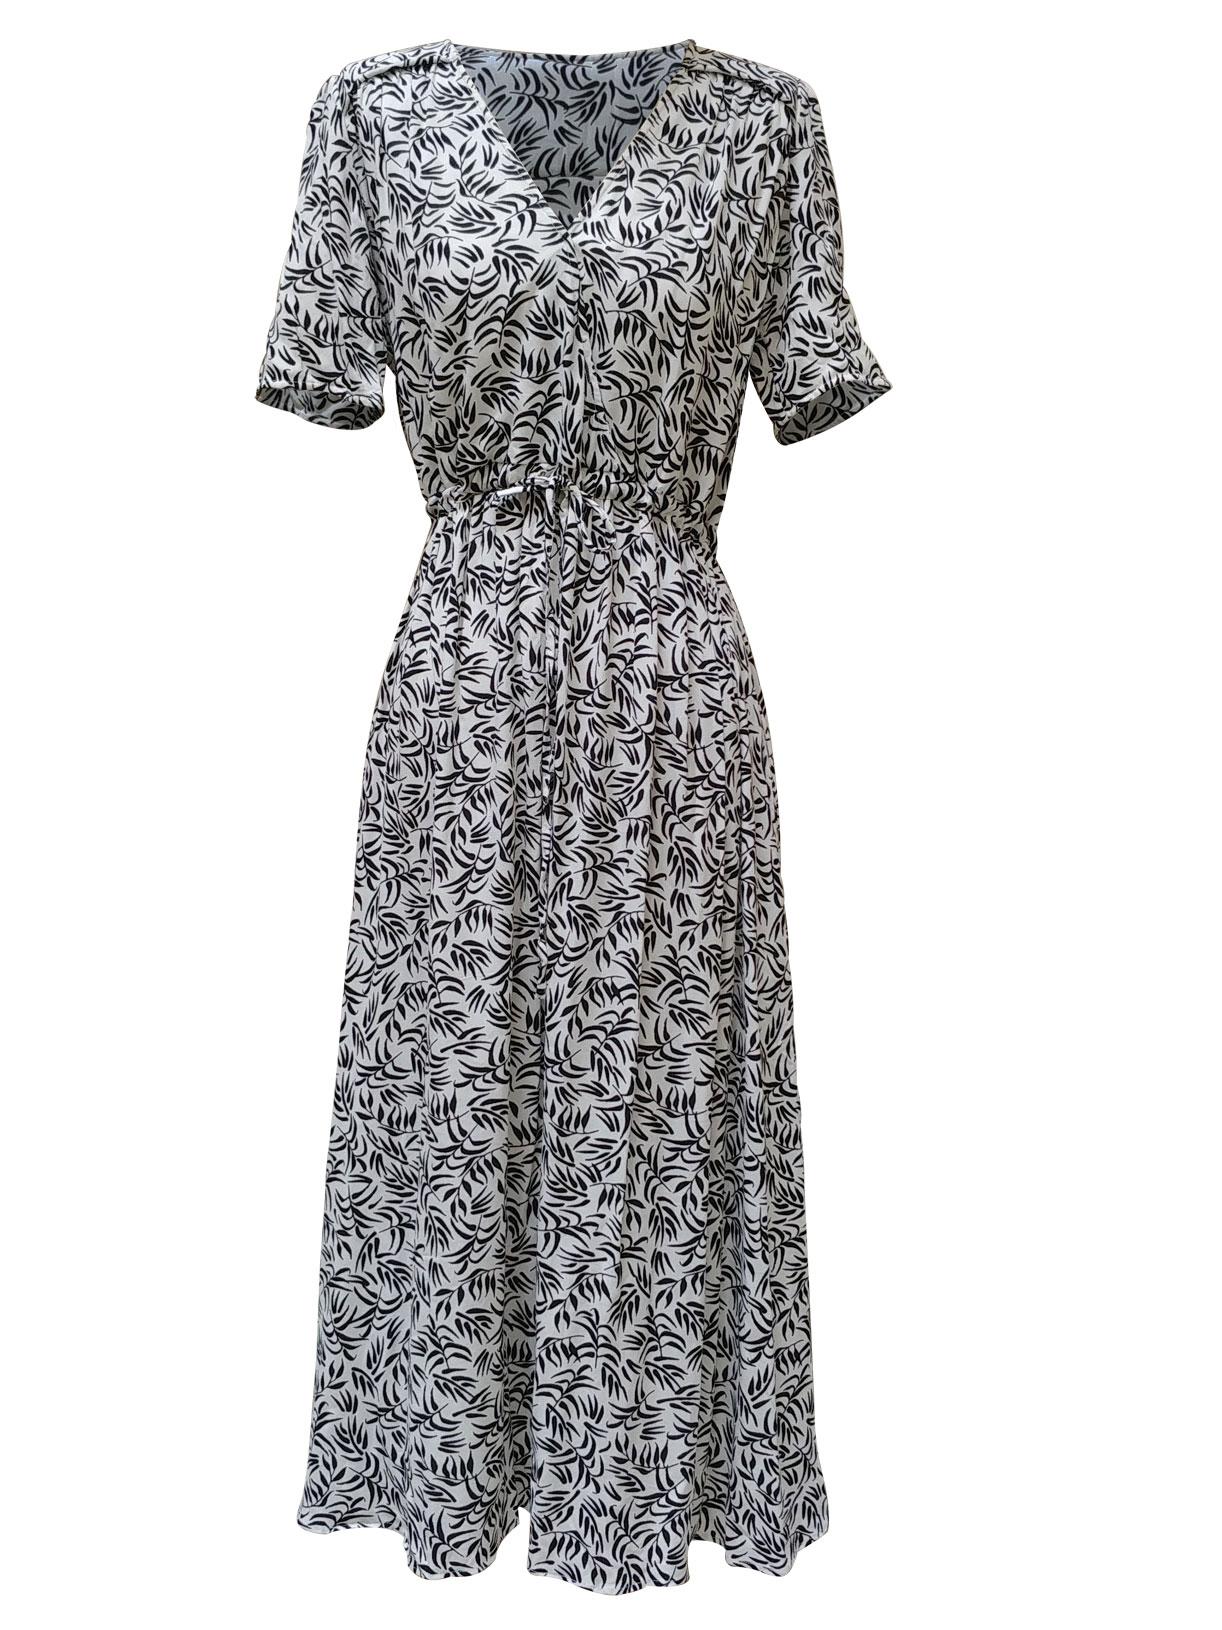 Robe longue ecoresponsable noir et blanc a motif - Myphilosophy